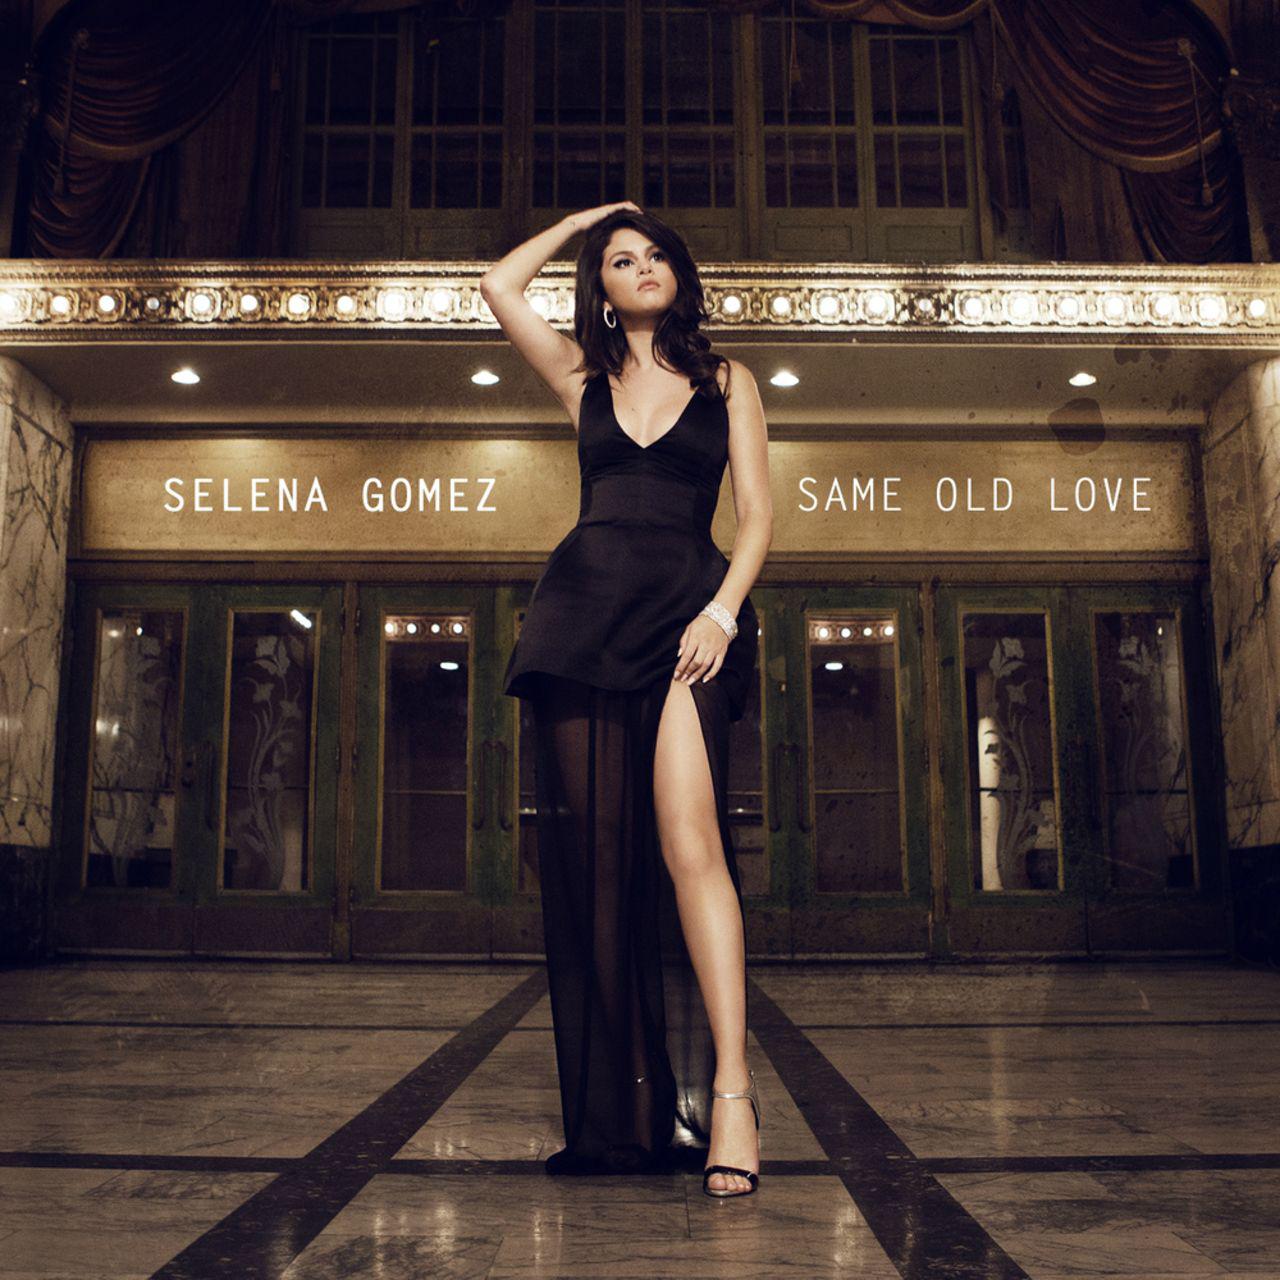 Image result for Selena Gomez - Same Old Love